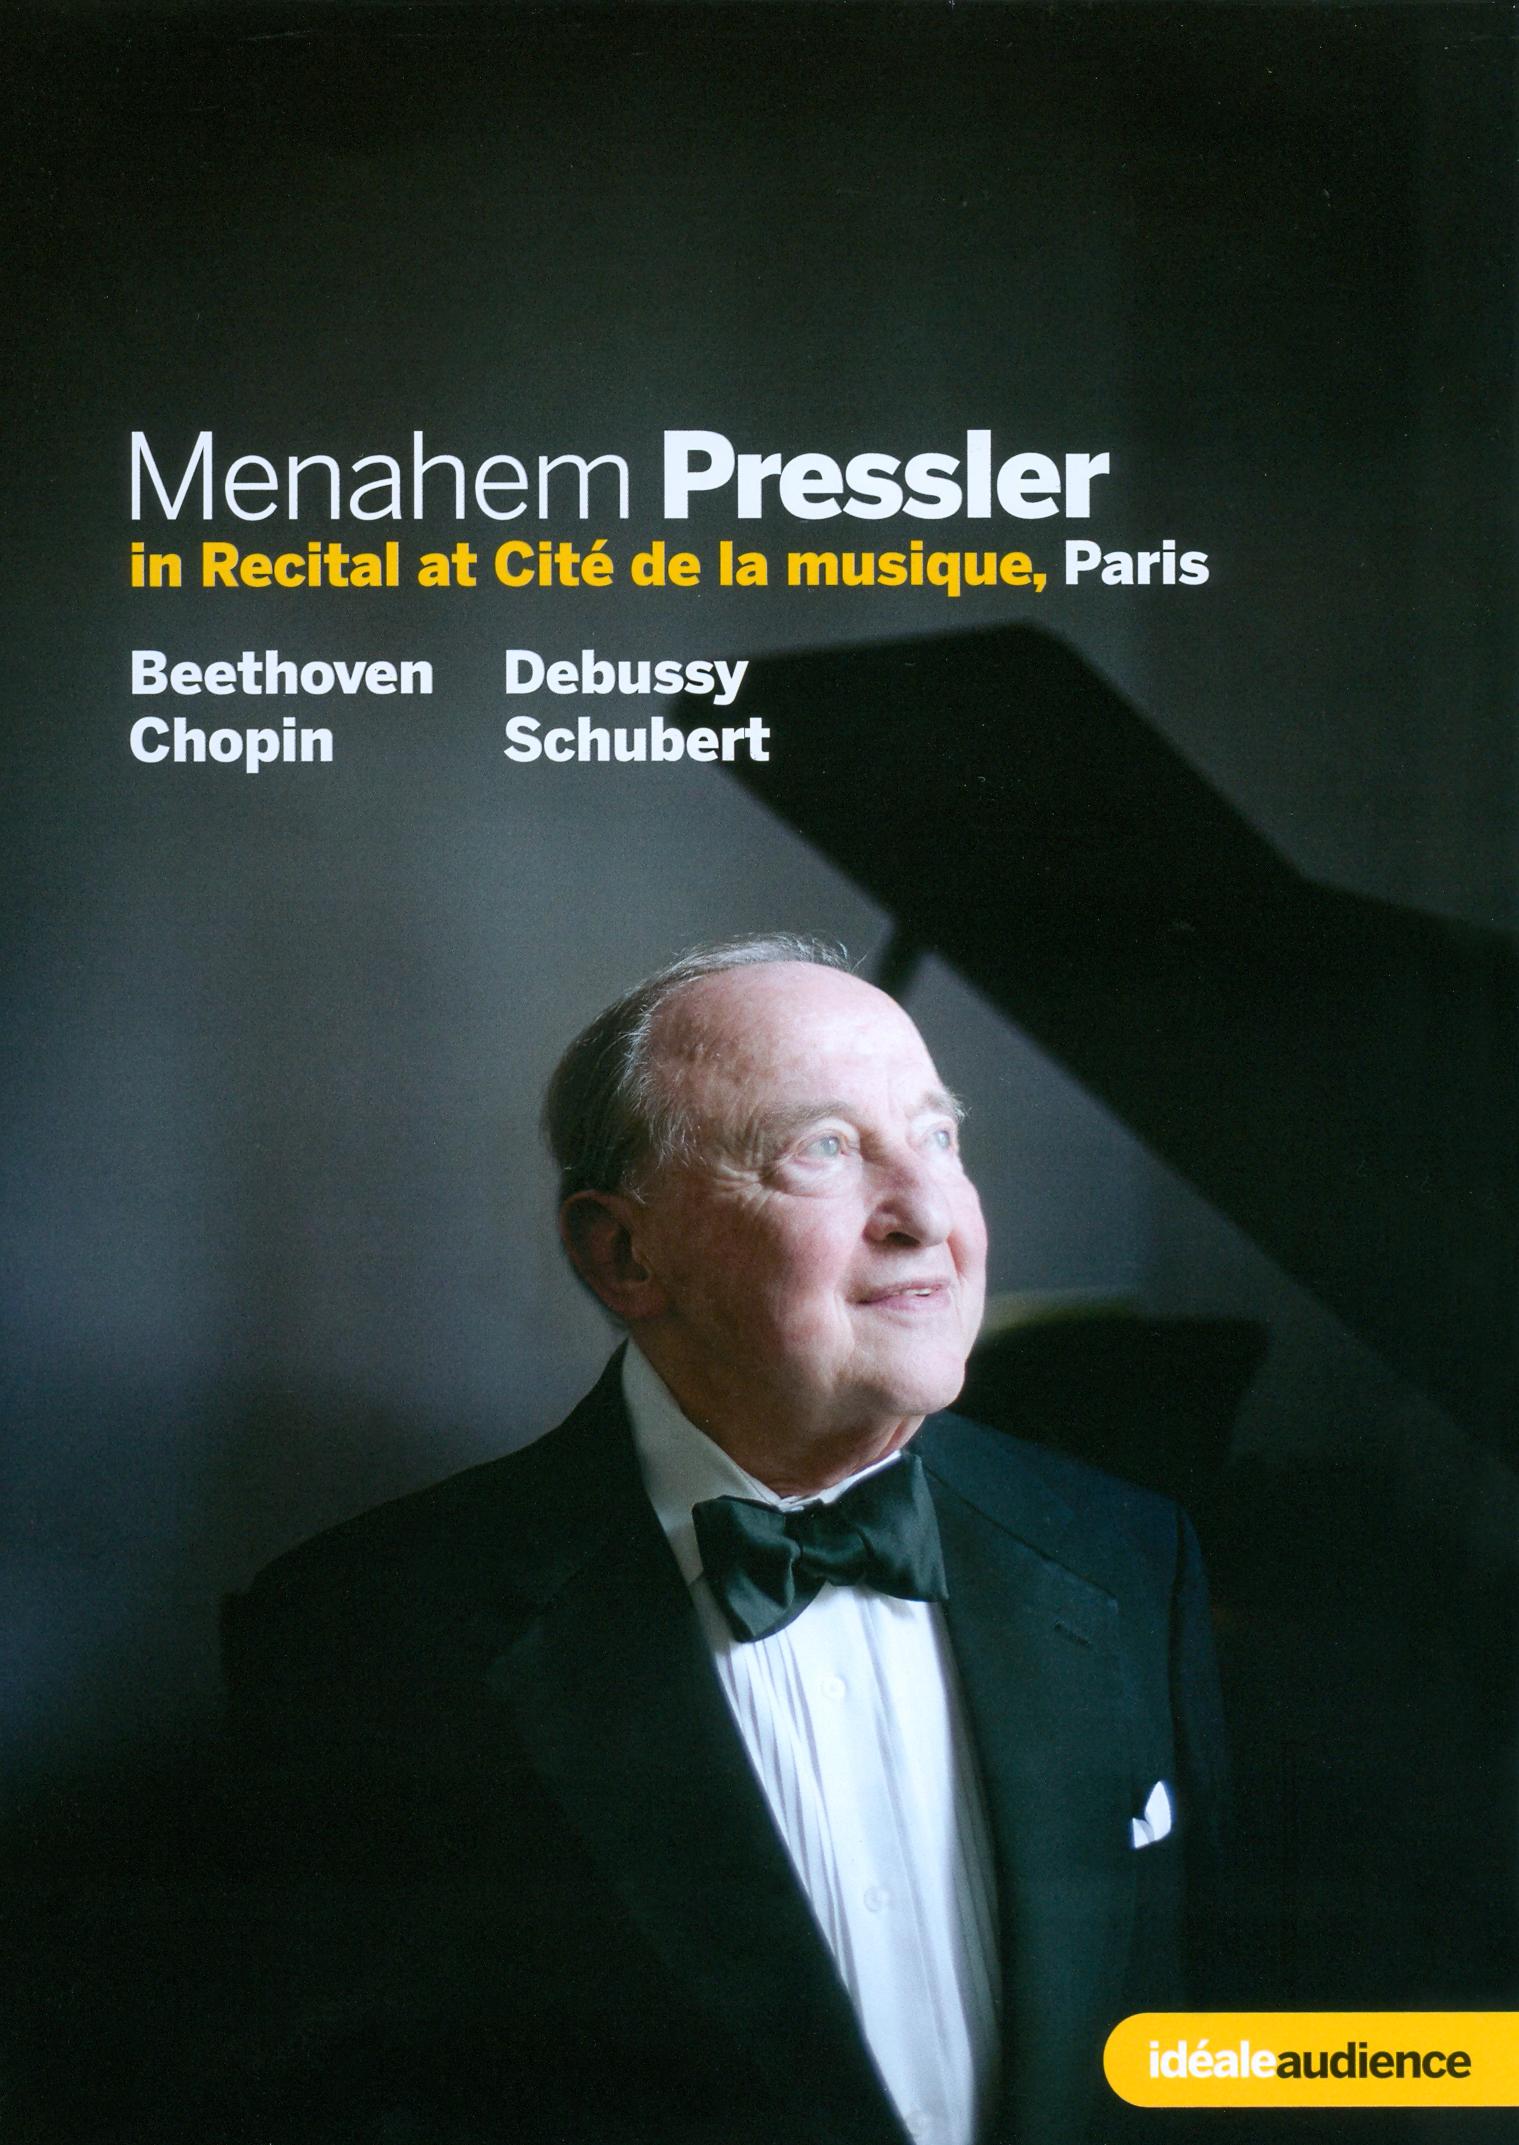 Menahem Pressler: In Recital at Cité de la Musique, Paris